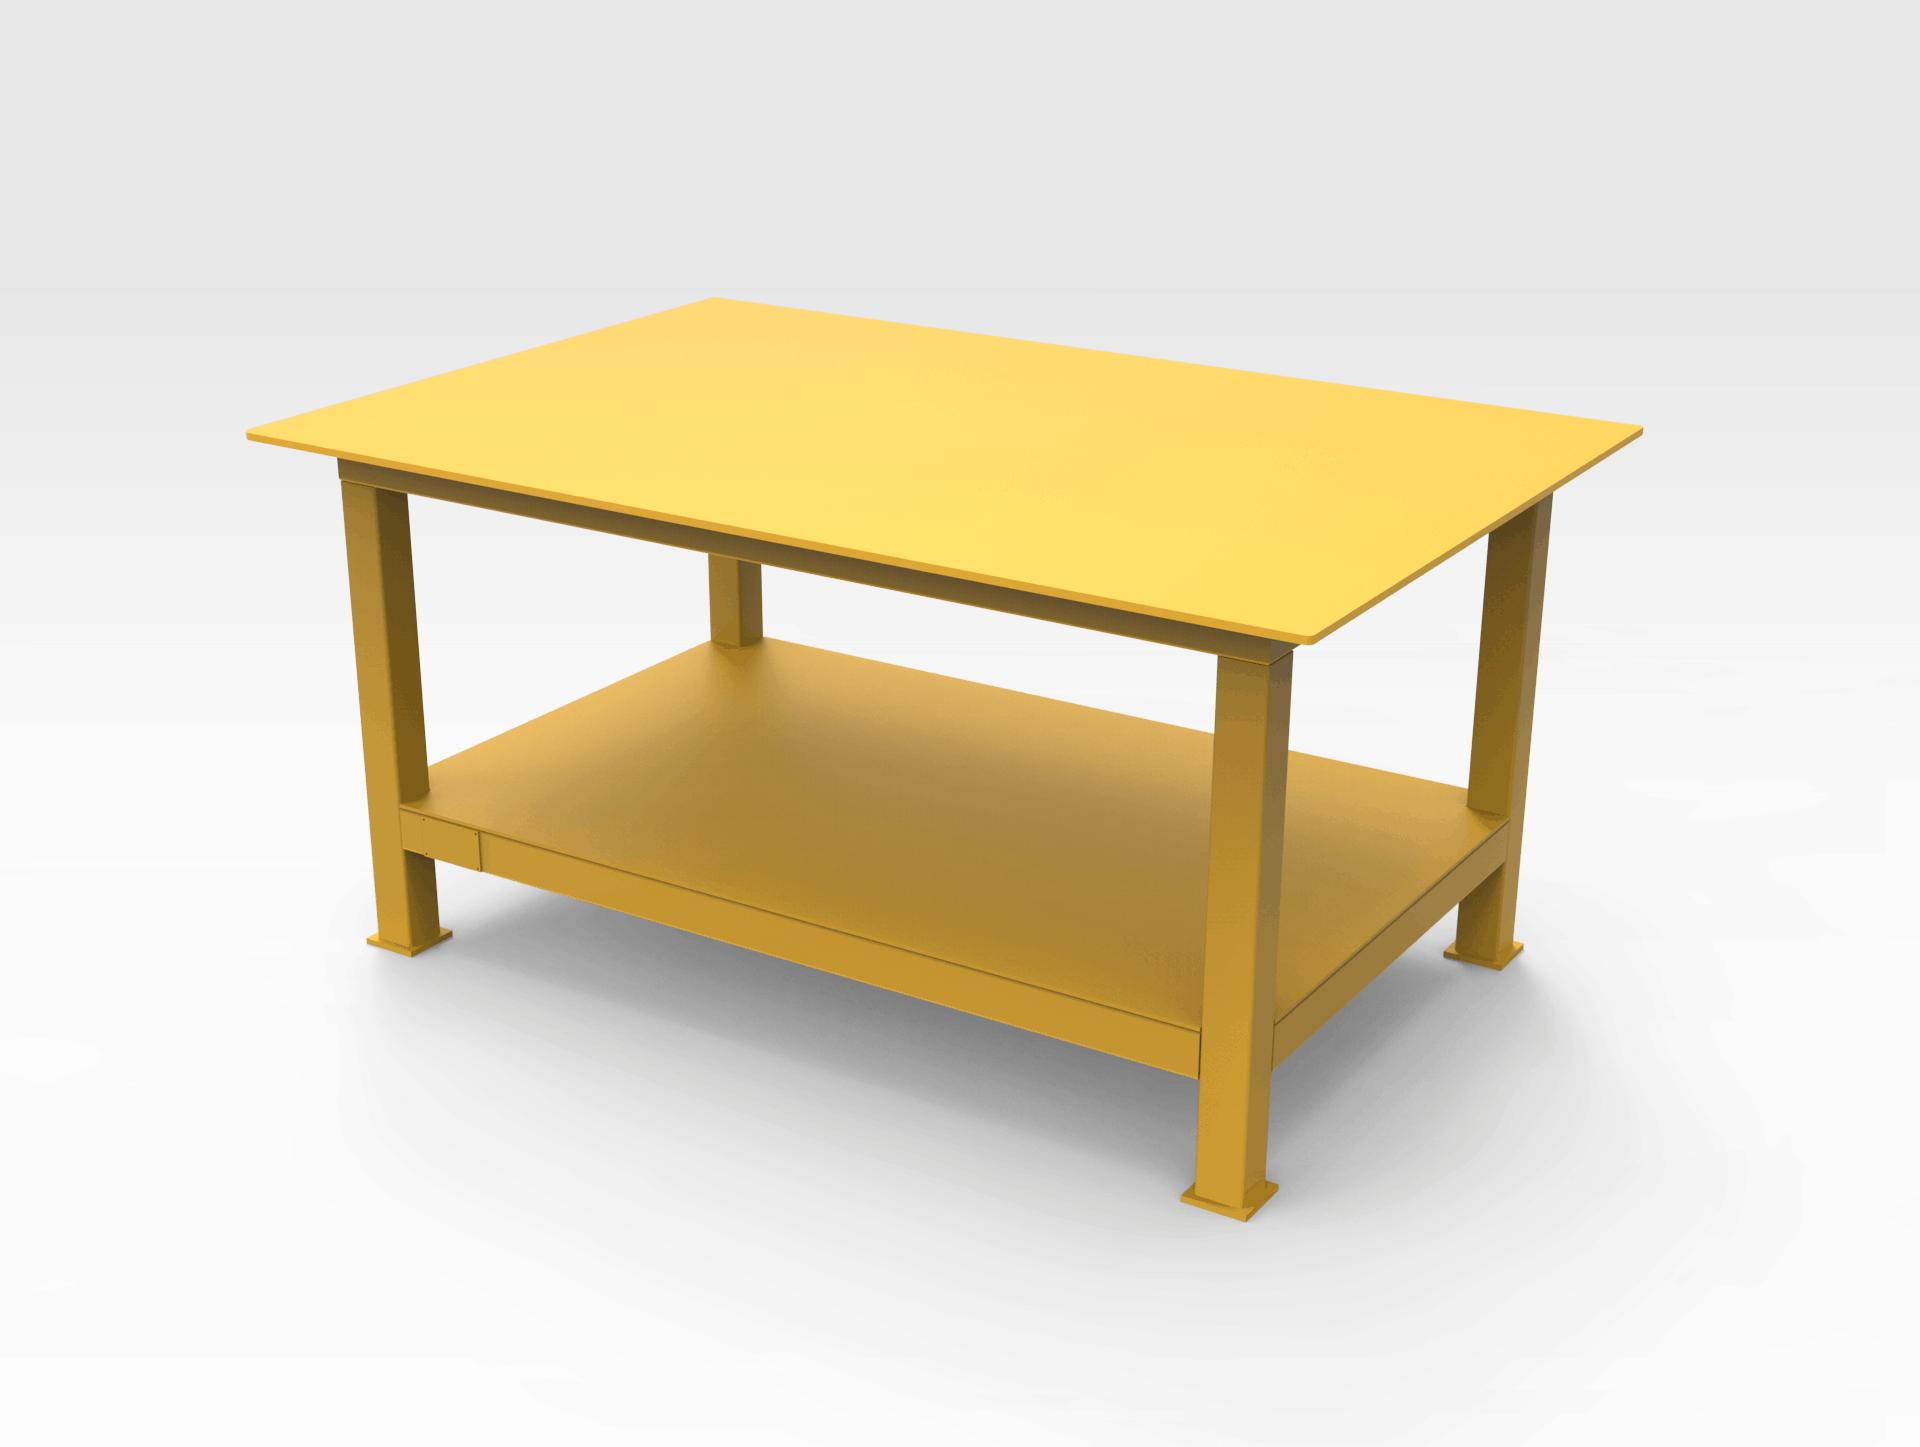 Workbench 2 Tonne 880mm (H) x 1800mm (L)